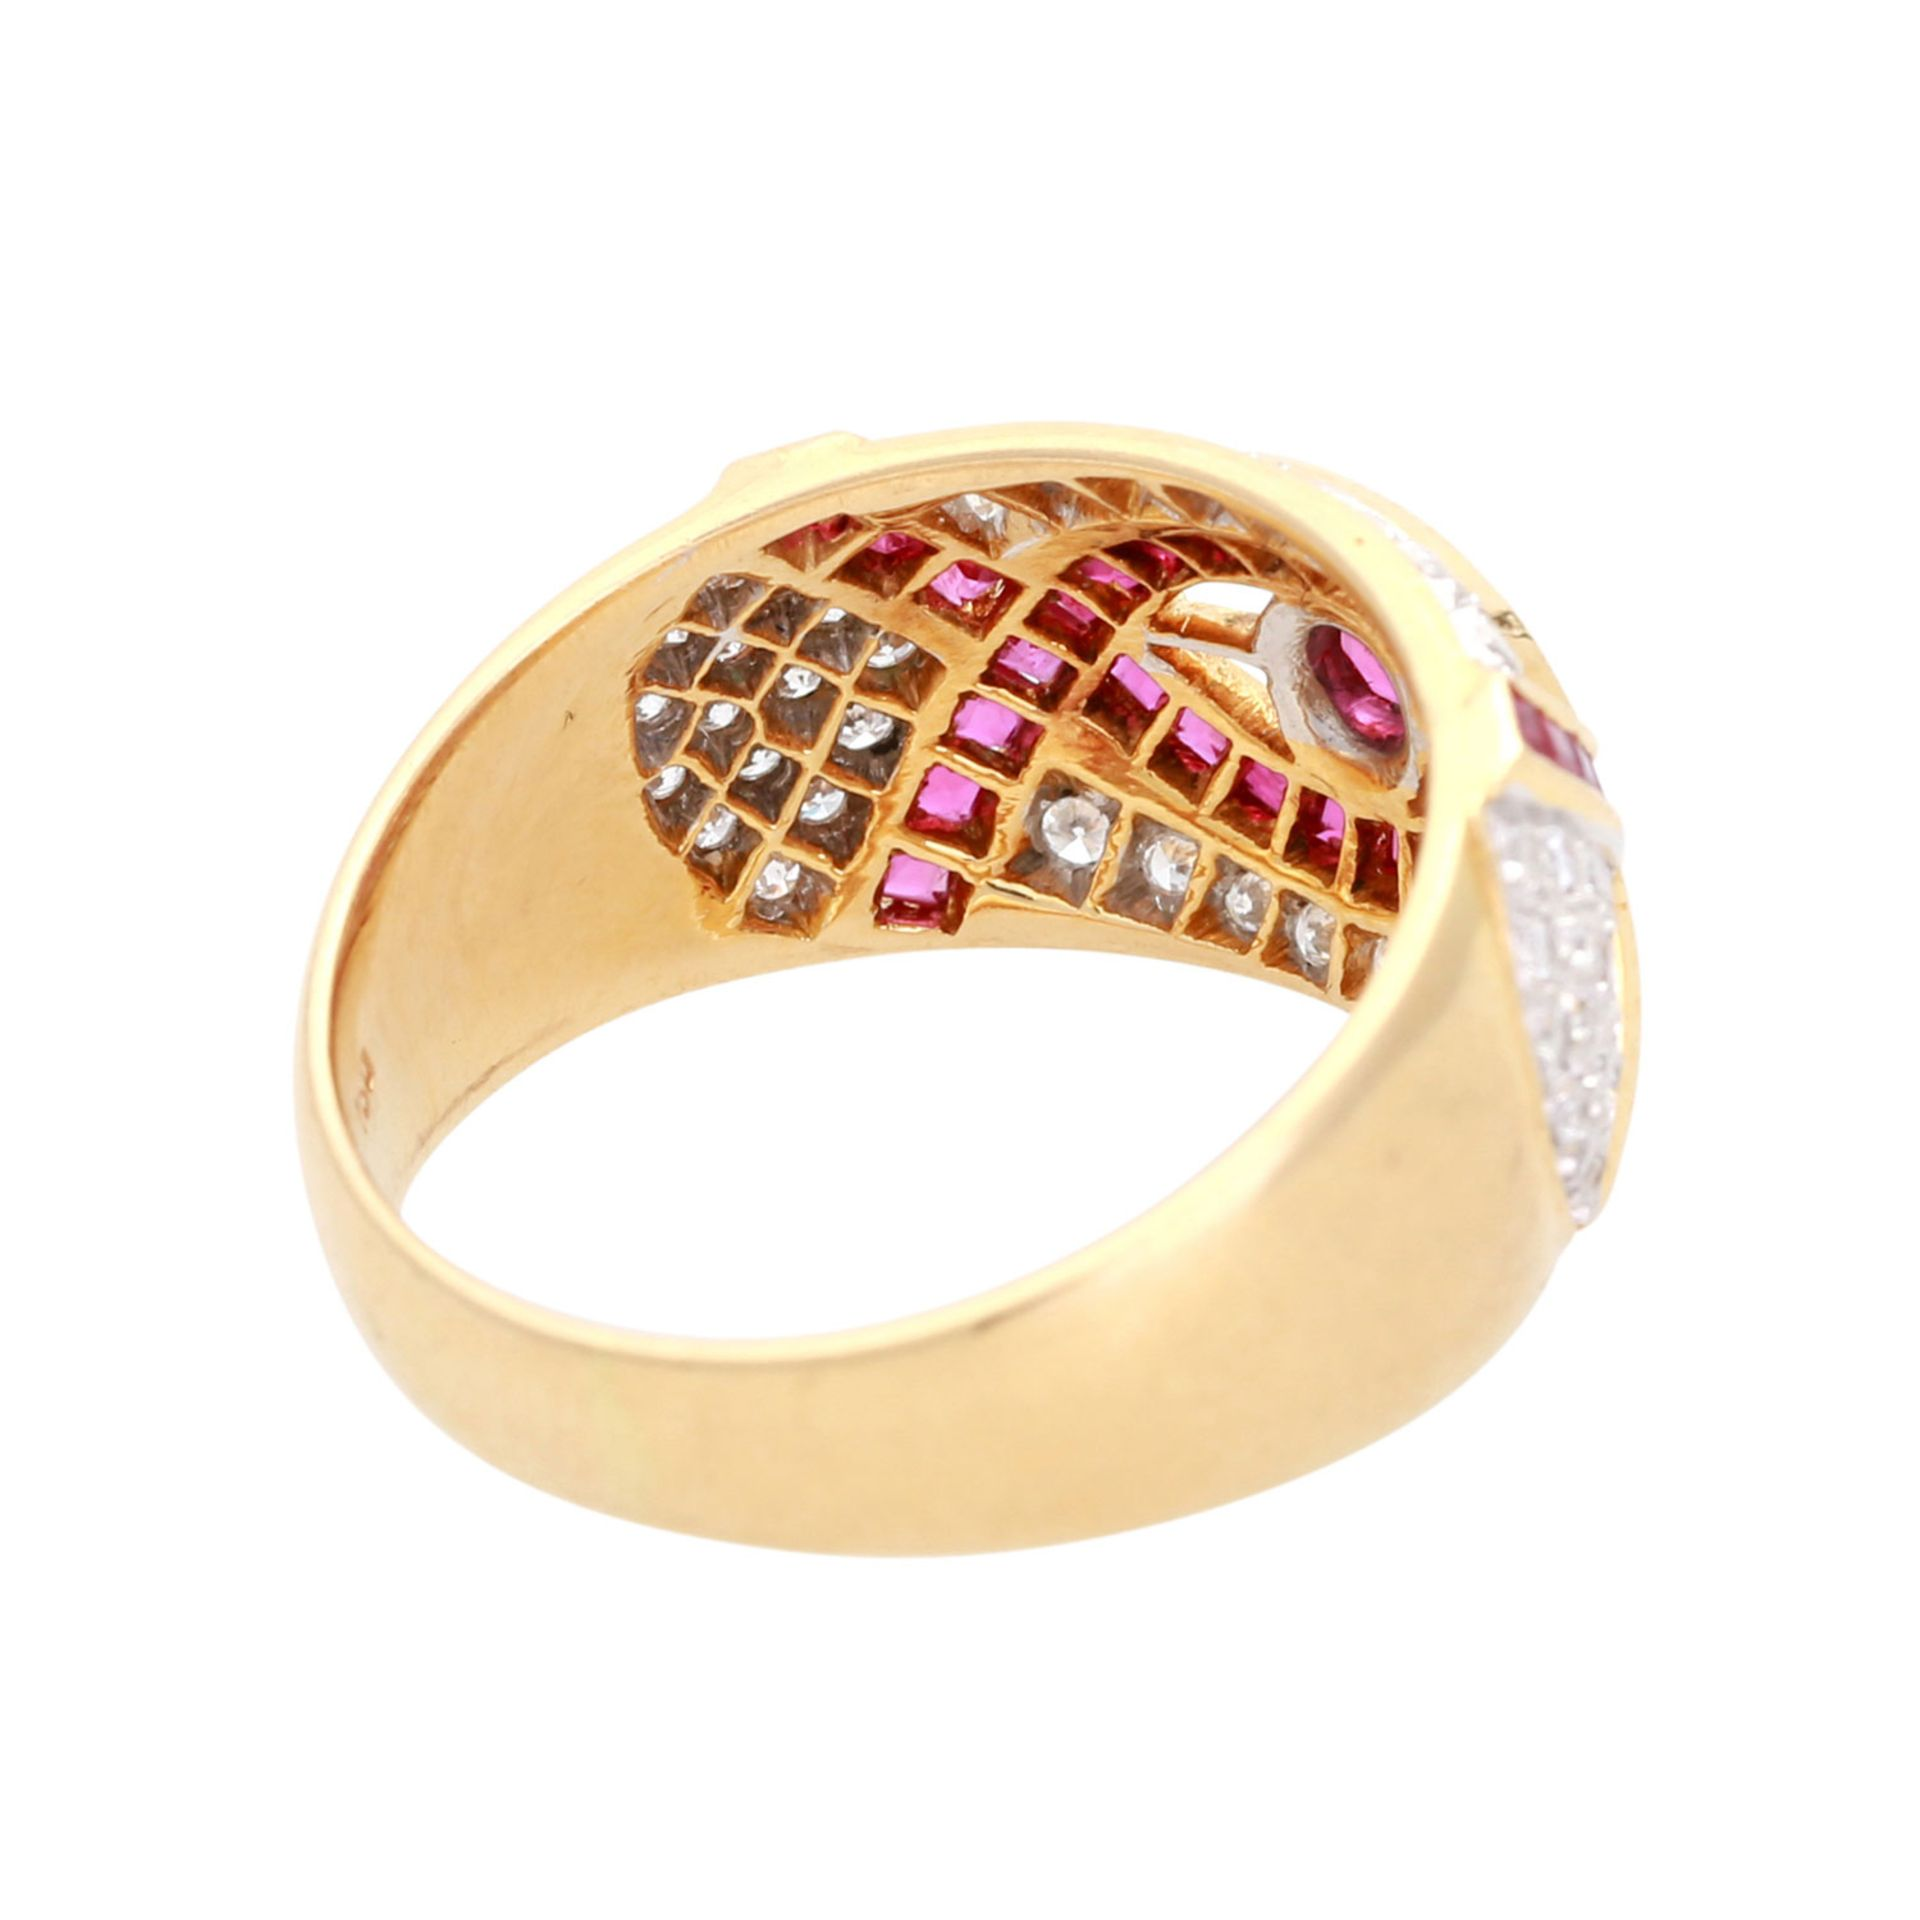 Los 67 - Ring mit Diamantbesatz, zus. ca. 0,35 ct, LGW (I-J) / SI, und Rubinen, 1x rund facettiert,